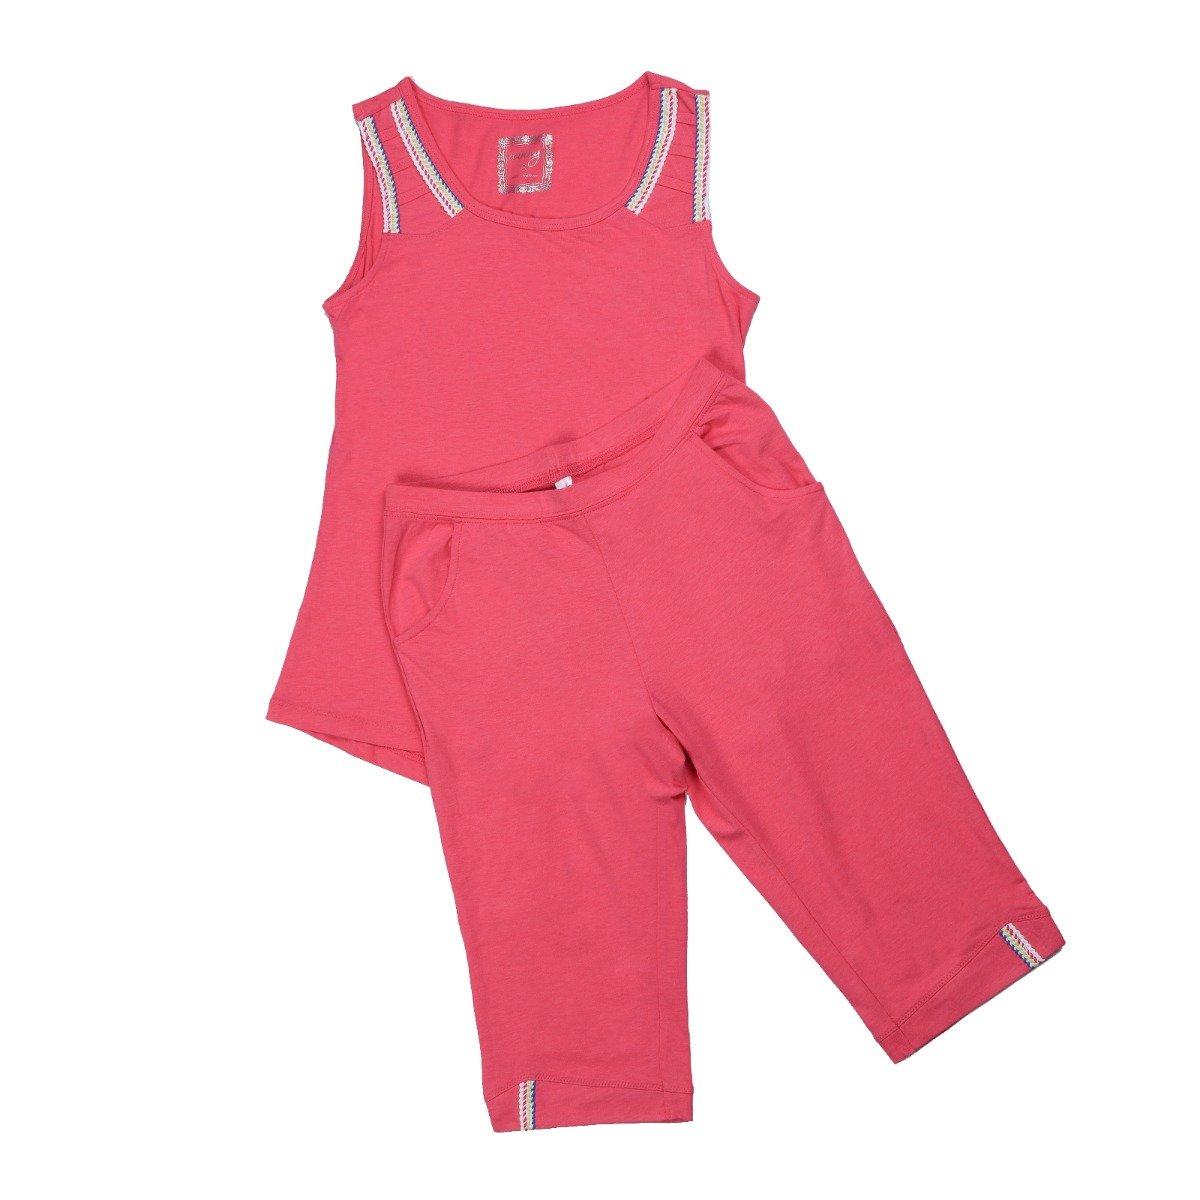 Bộ đồ mặc nhà xuân hè - SM4241N